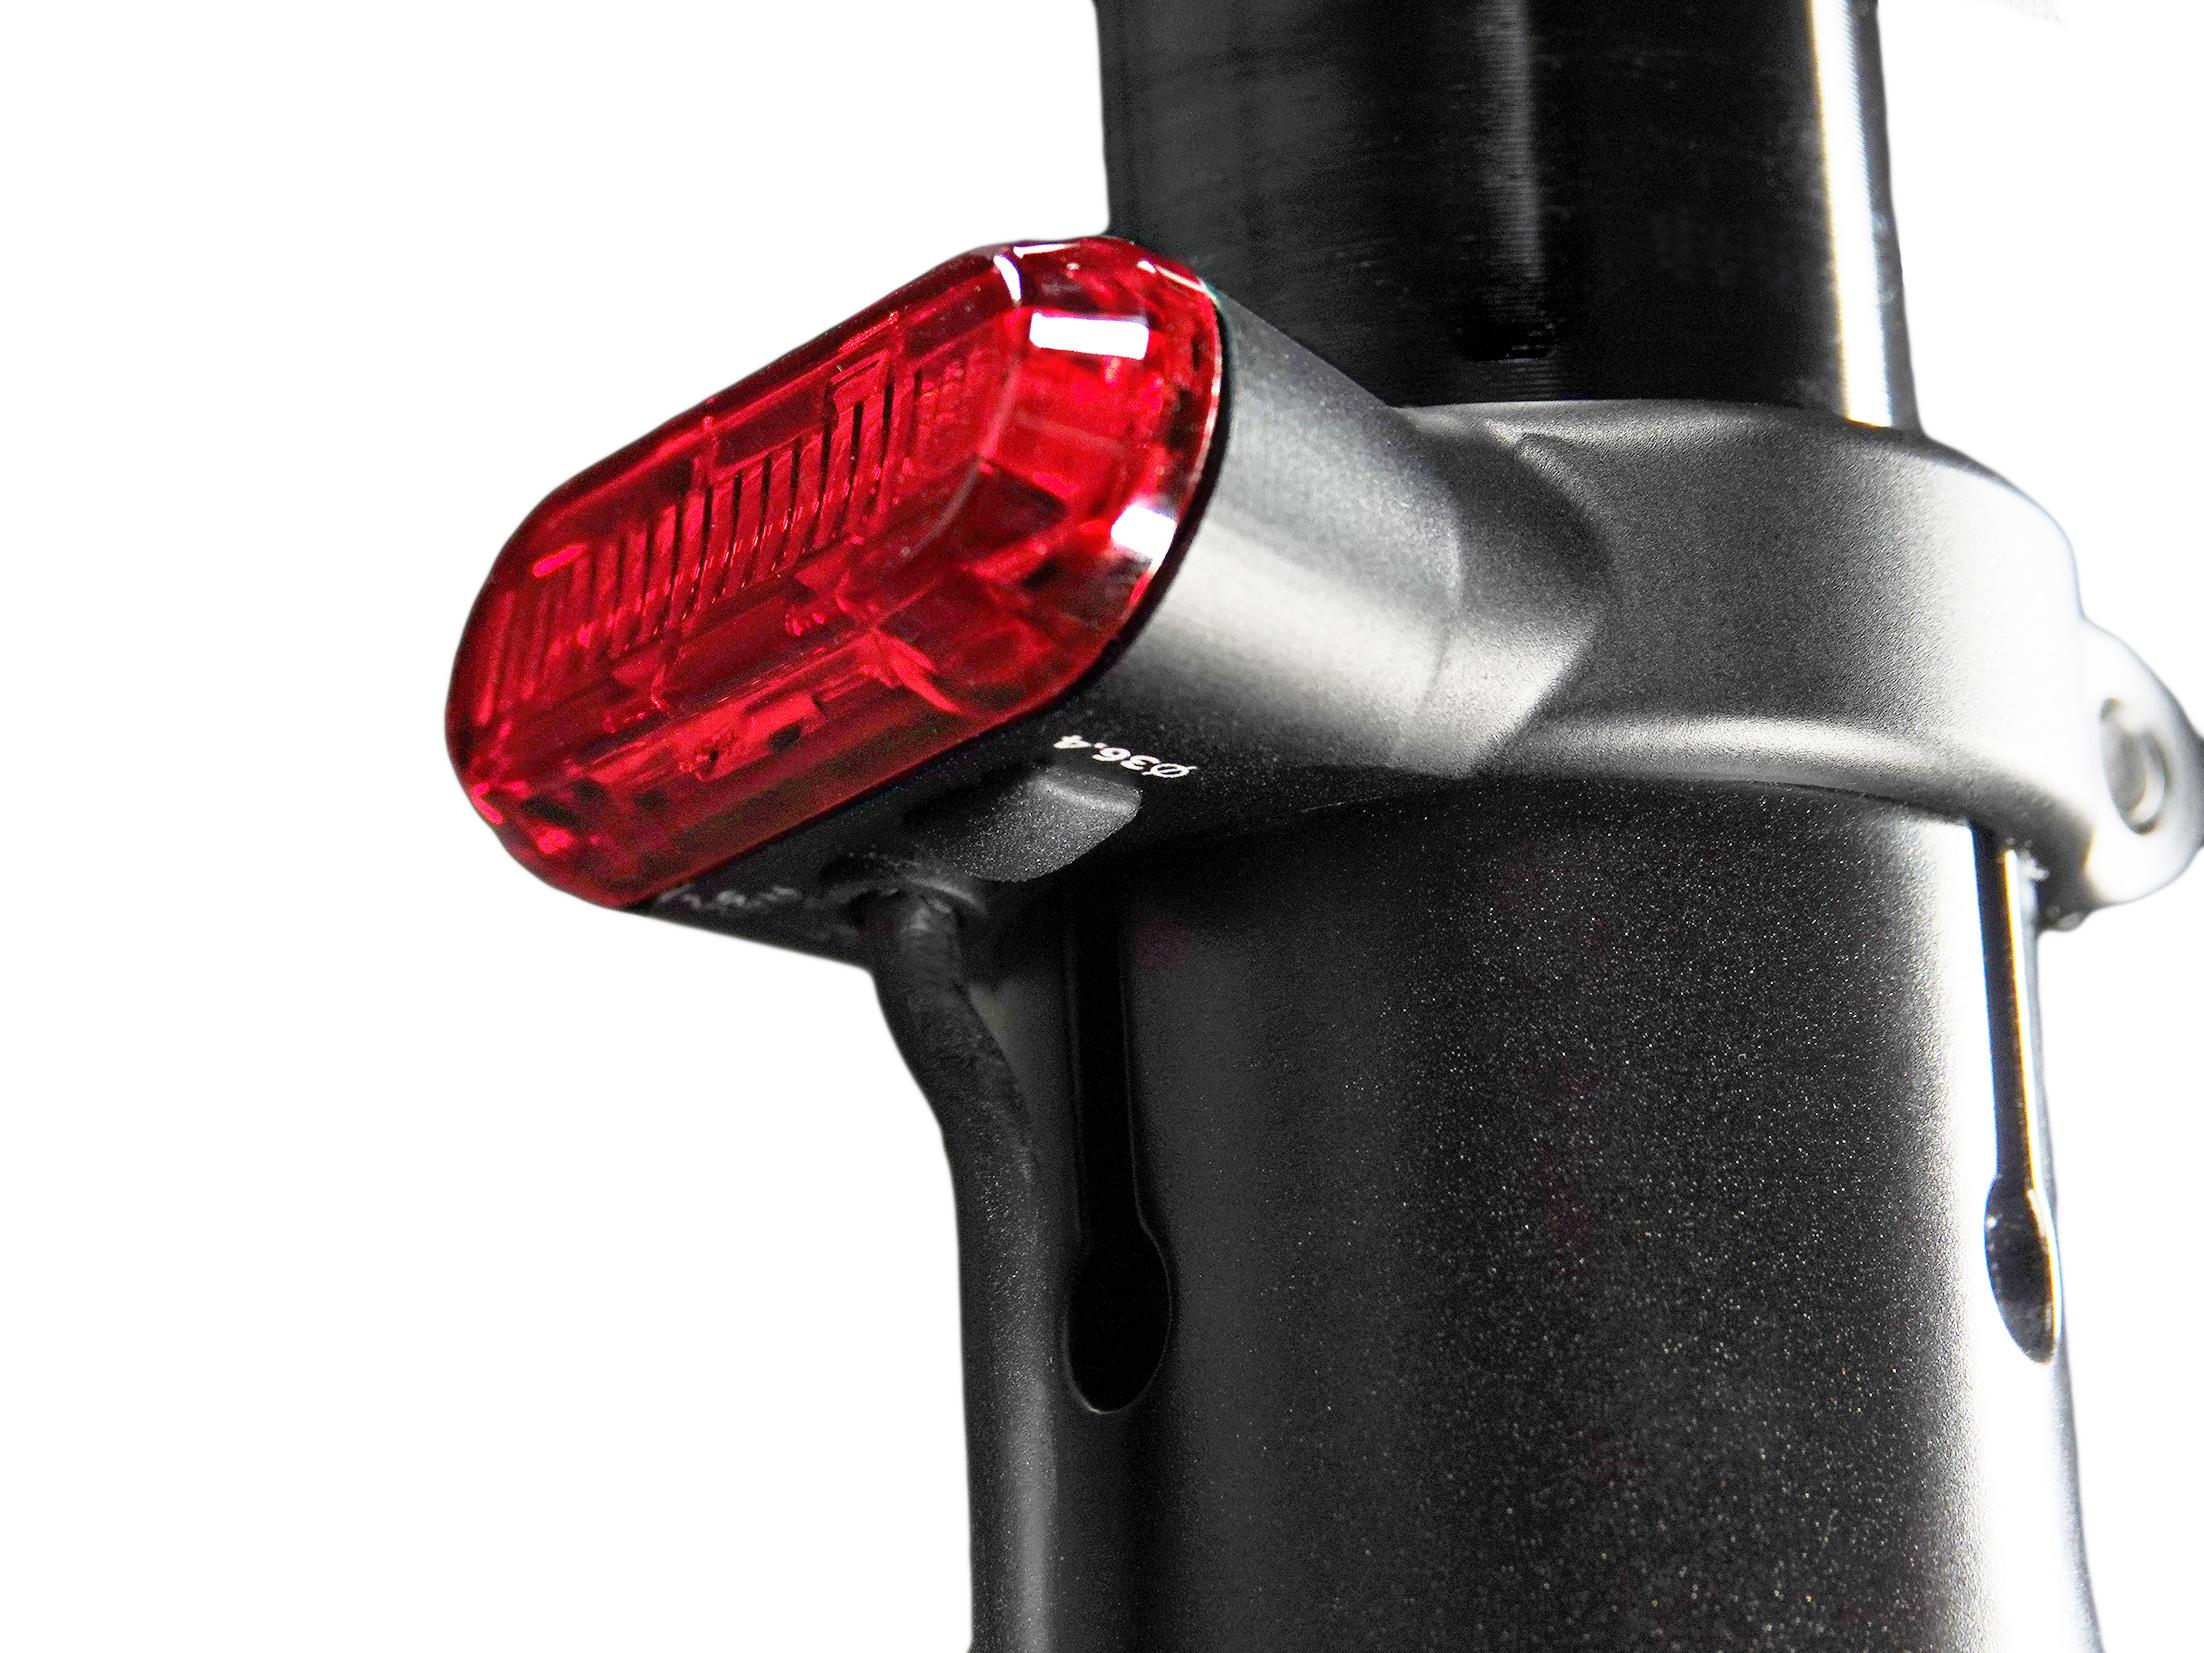 C14 Rücklicht für E-Bikes